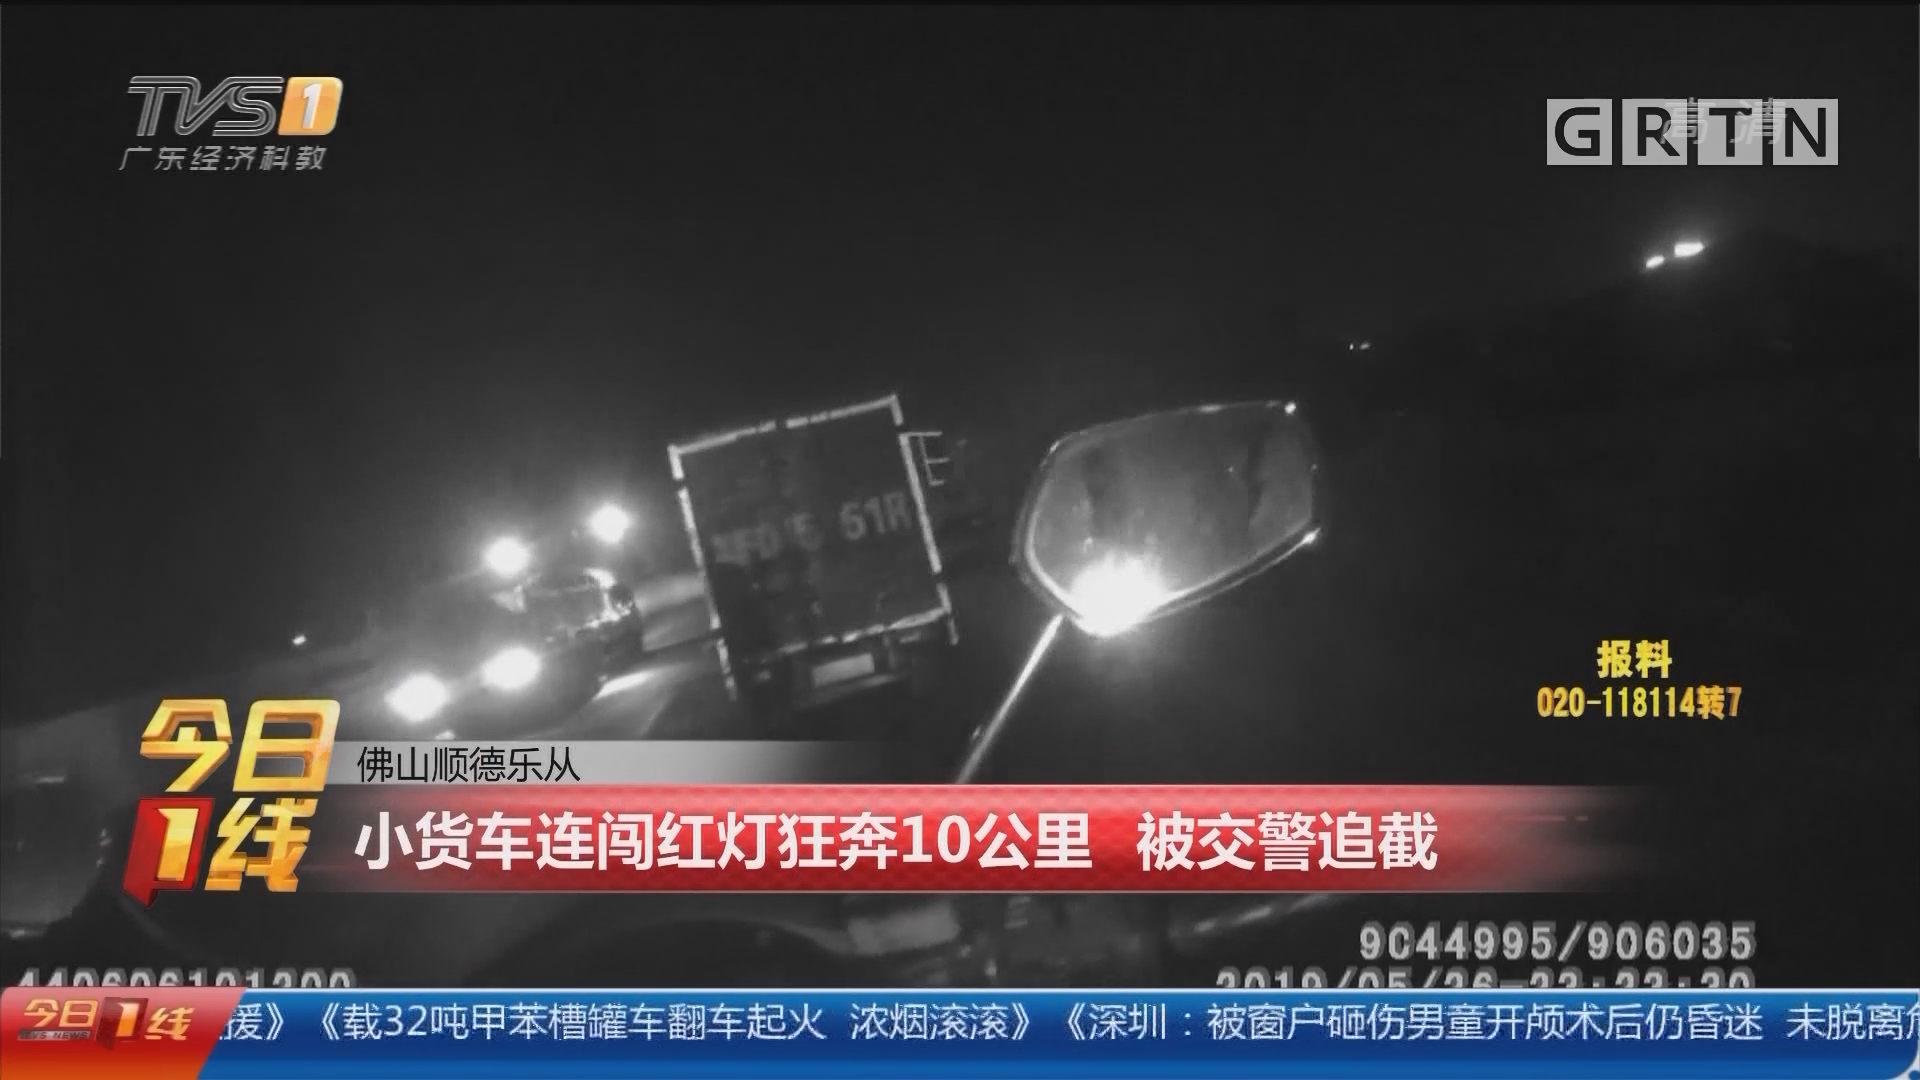 佛山顺德乐从:小货车连闯红灯狂奔10公里 被交警追截